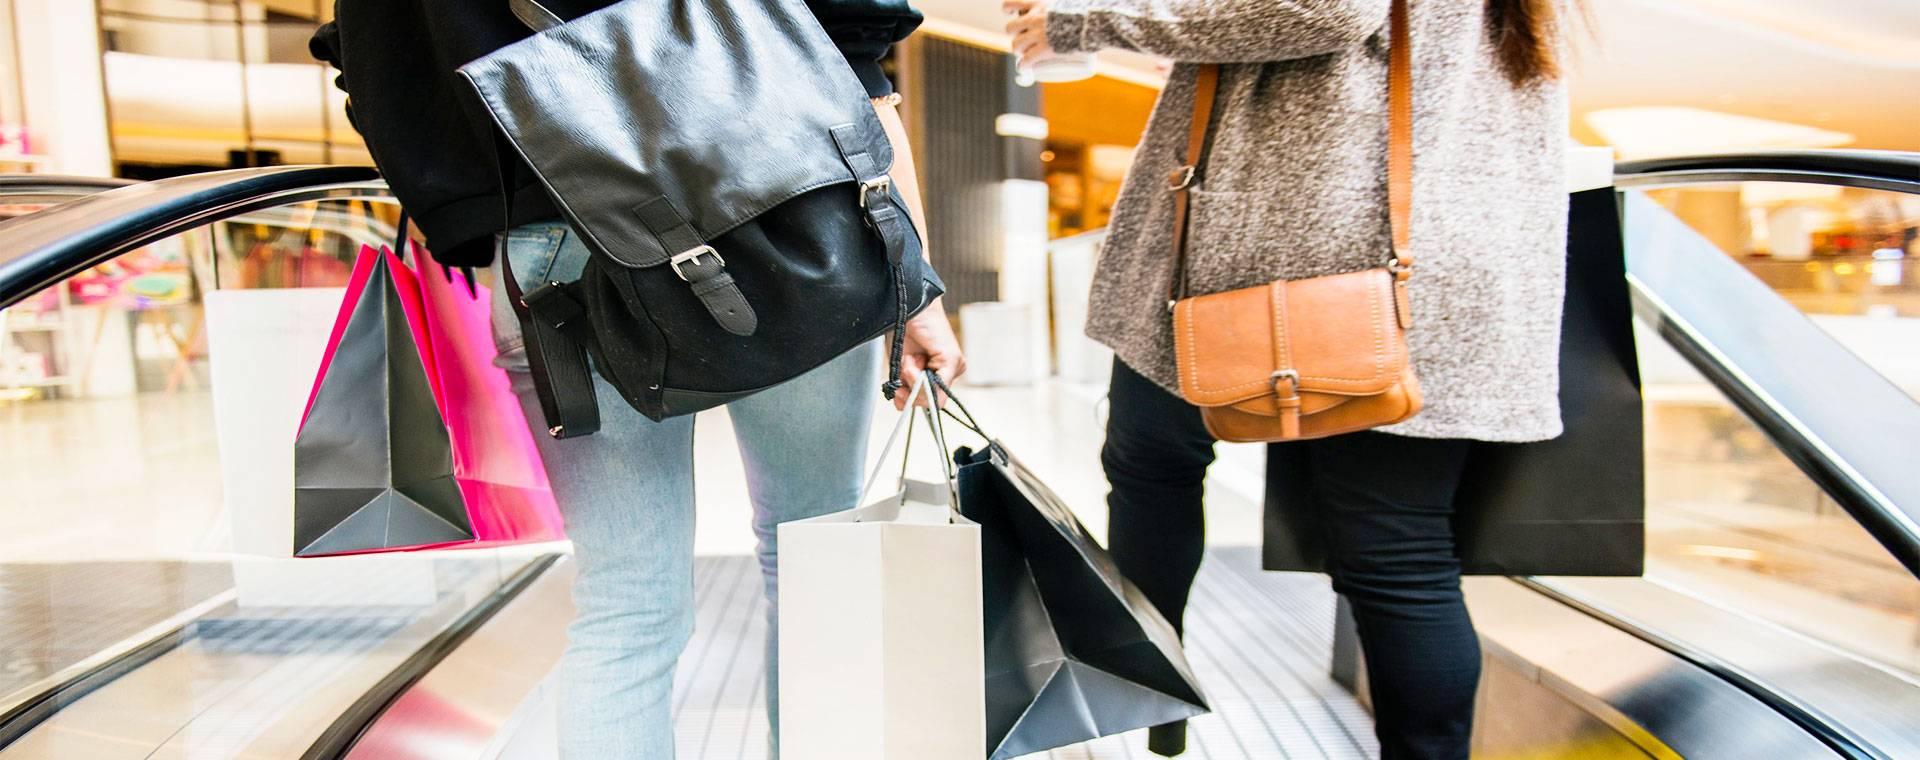 pessoas em uma escada rolante de shopping